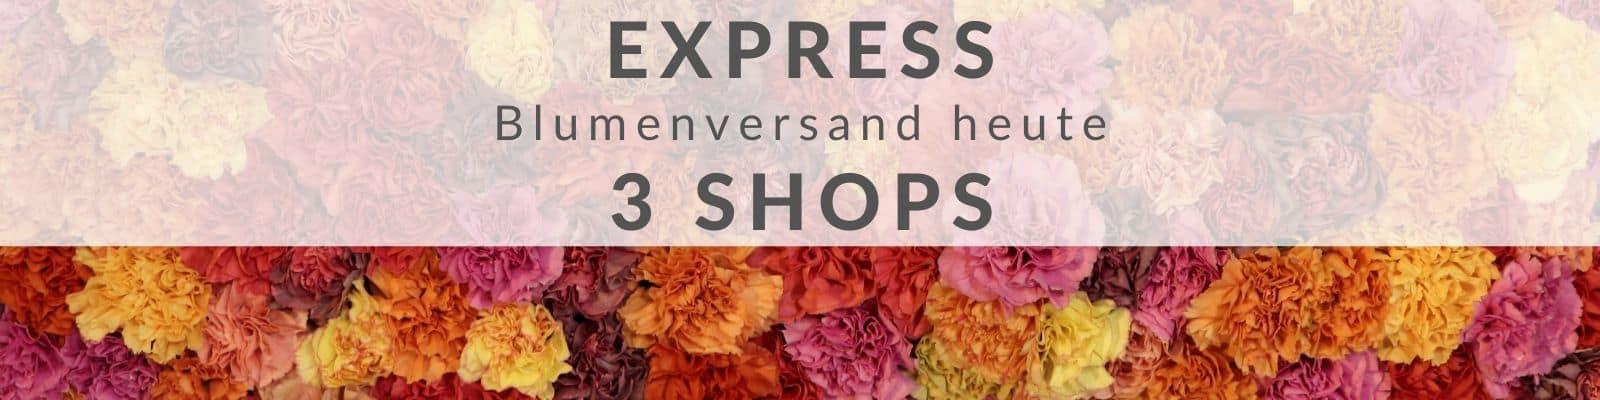 Blumen Express - online Blumenversand heute - 24 Stunden Lieferung